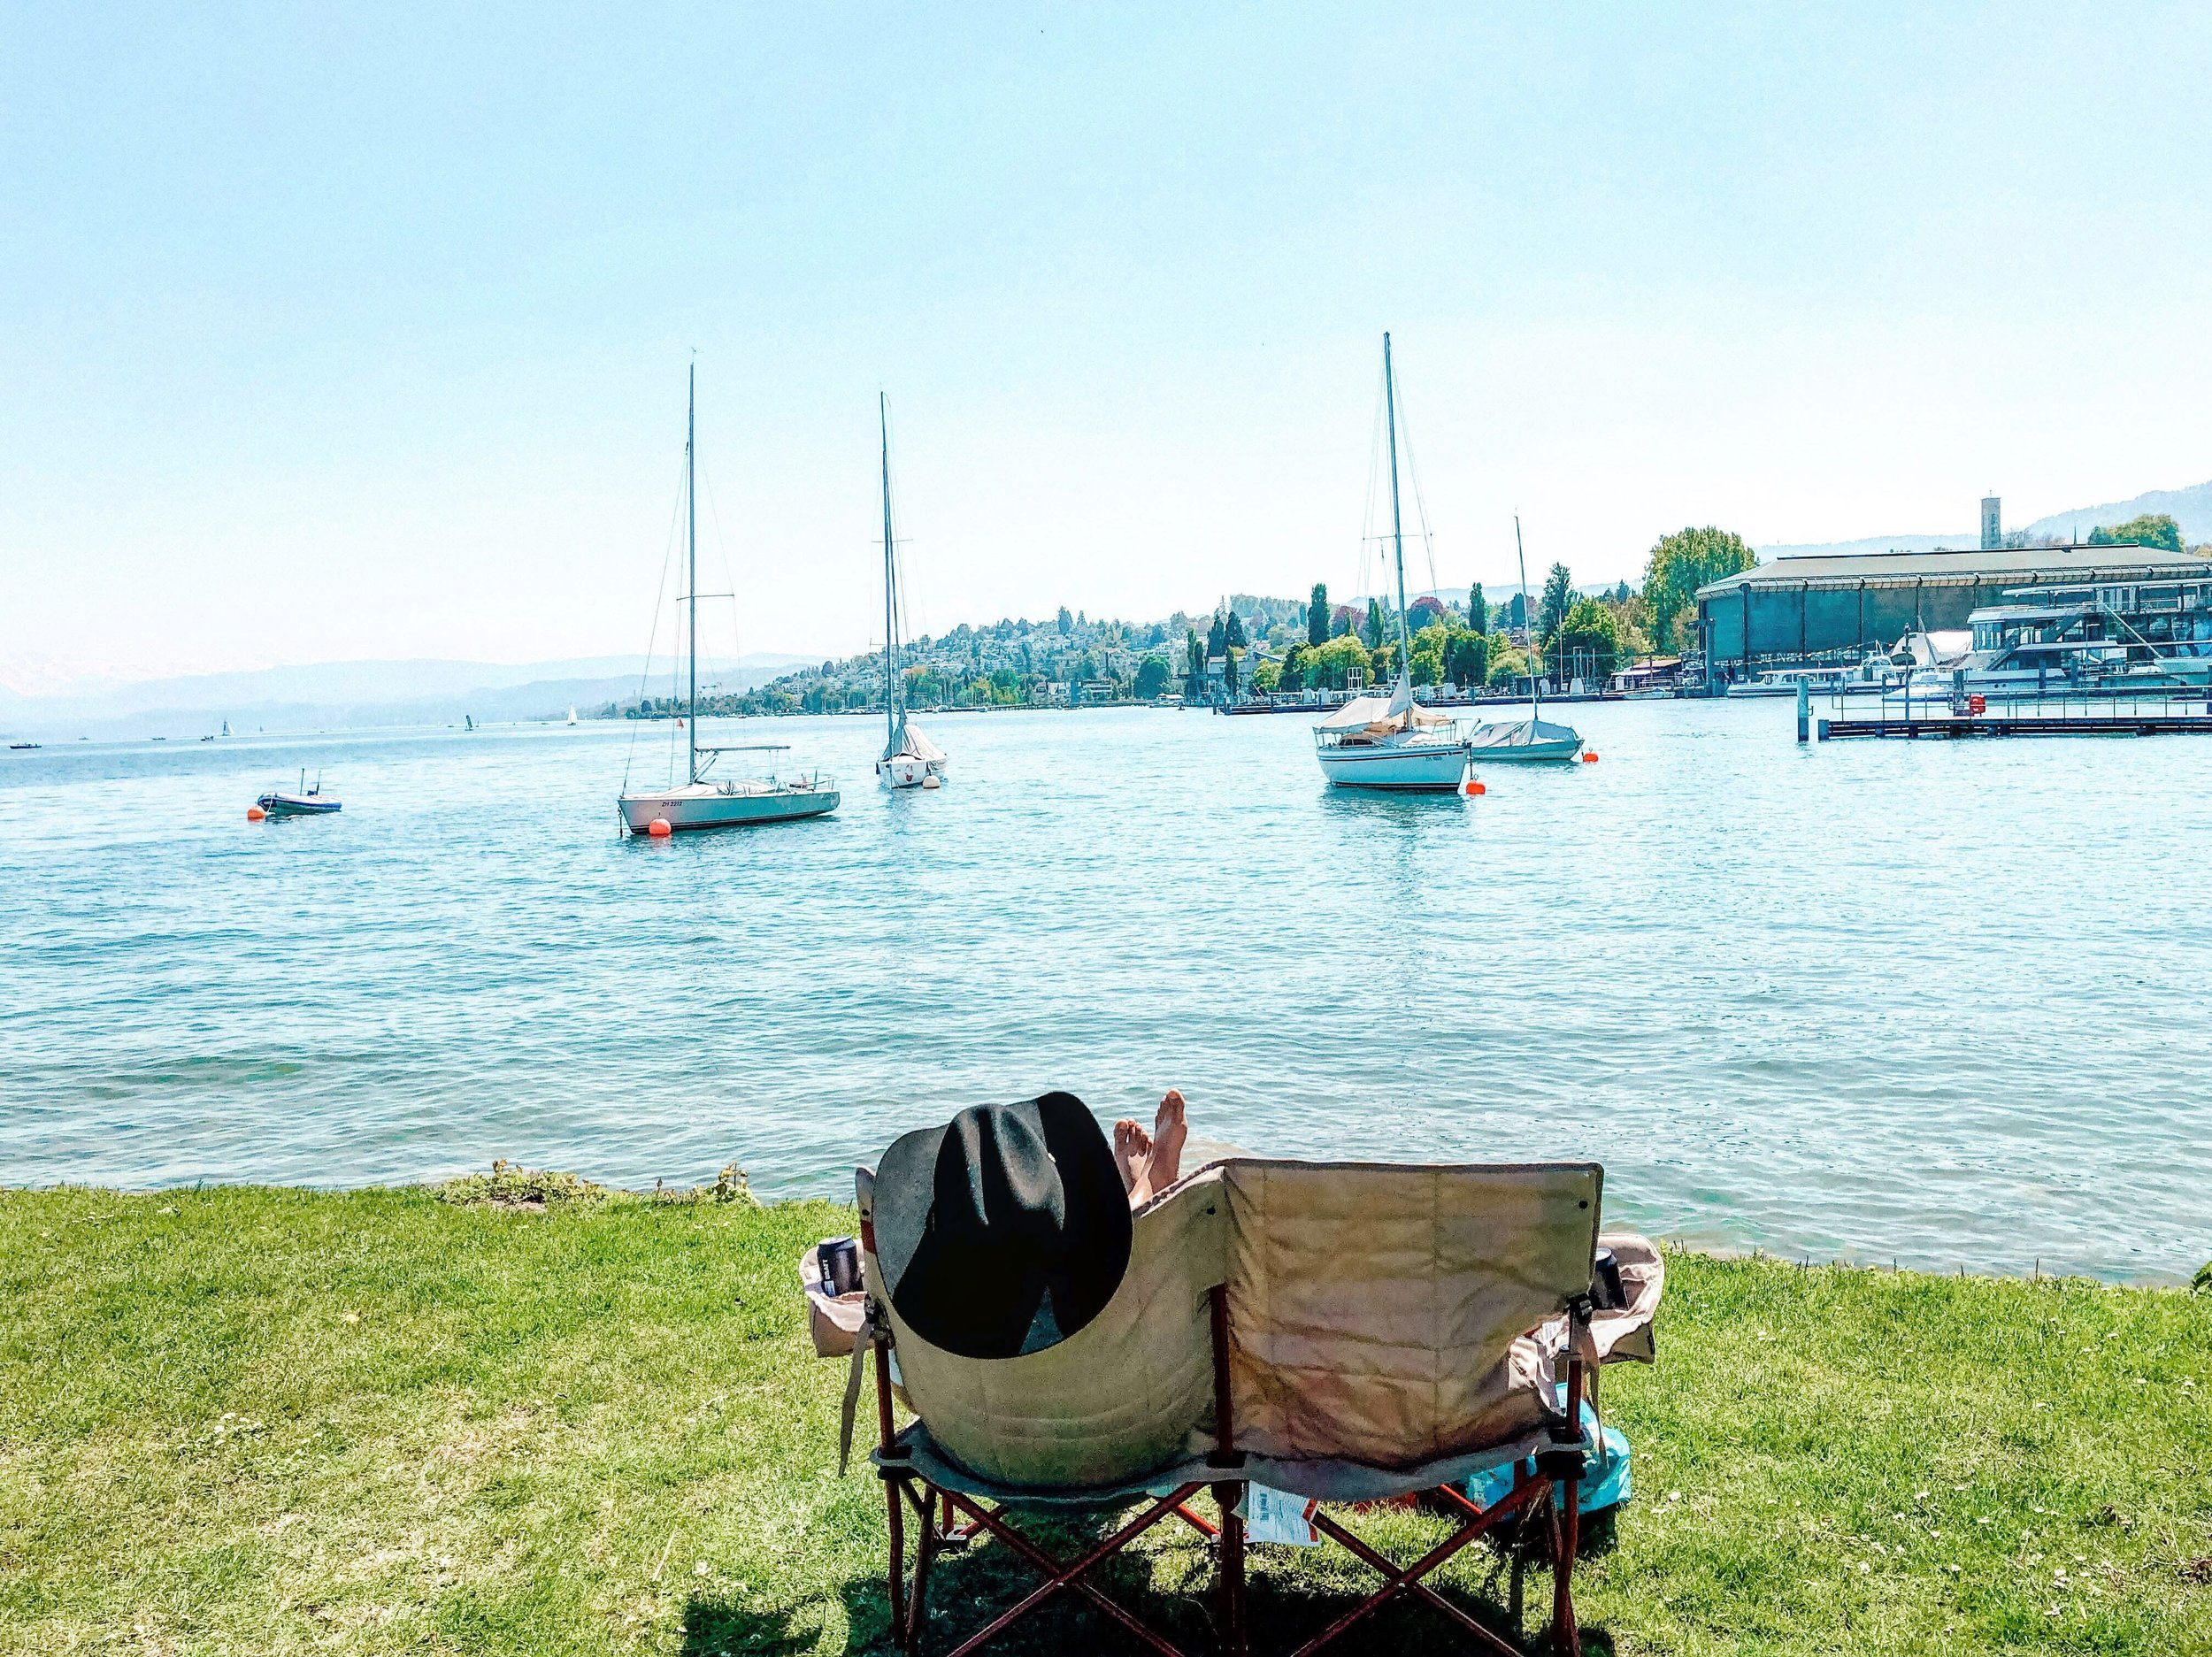 Summer on Lake Zurich, Switzerland